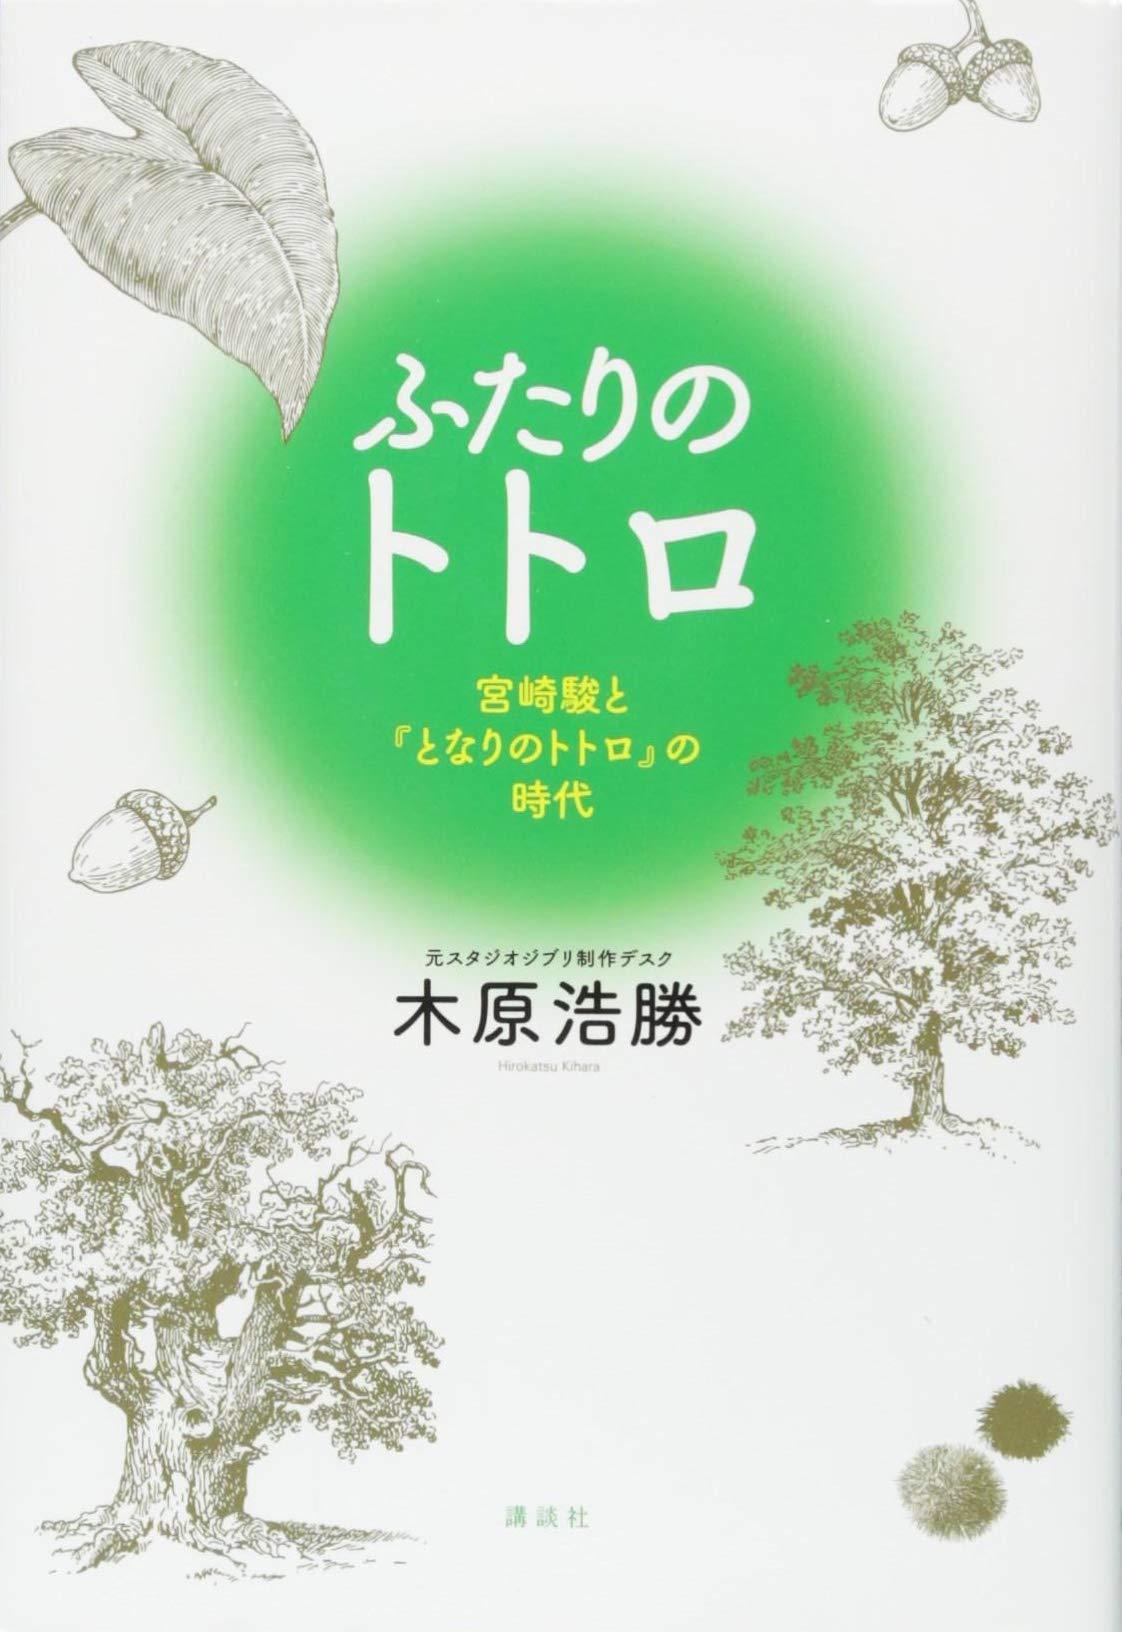 ふたりのトトロ -宮崎駿と『となりのトトロ』の時代-